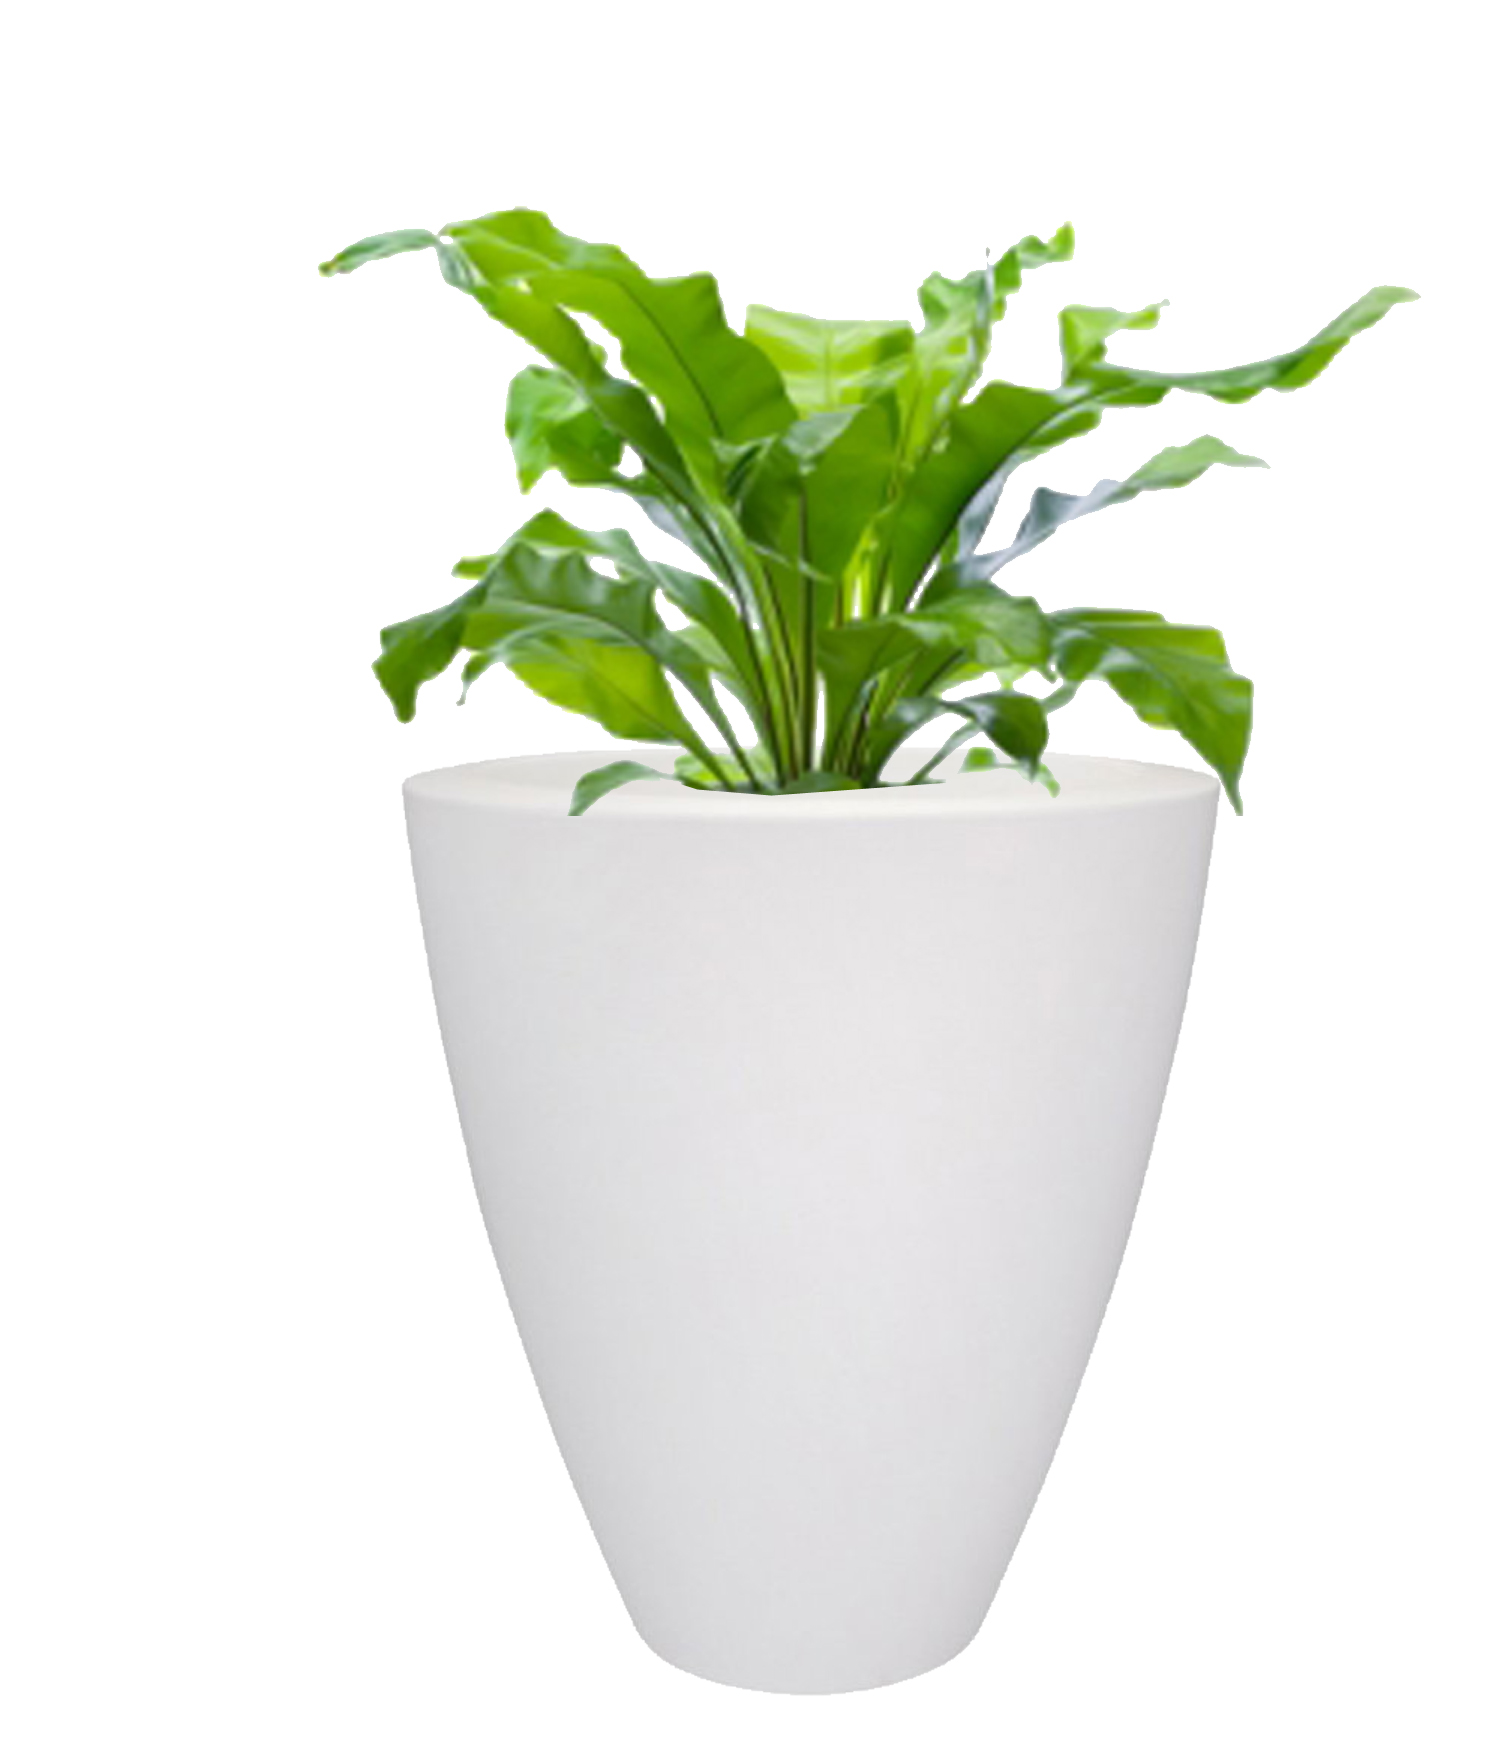 Des plantes s lectionn es pour vous nature v g tale for Destockage plantes